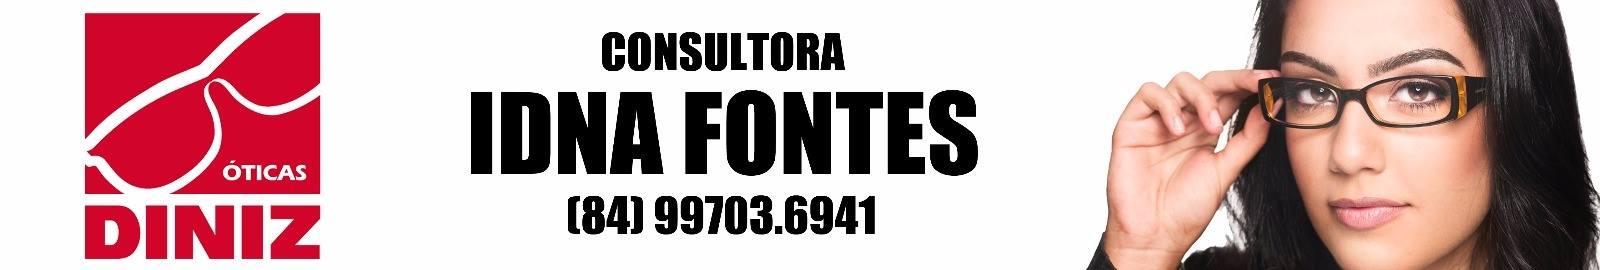 CONSULTORA IDNA FONTES